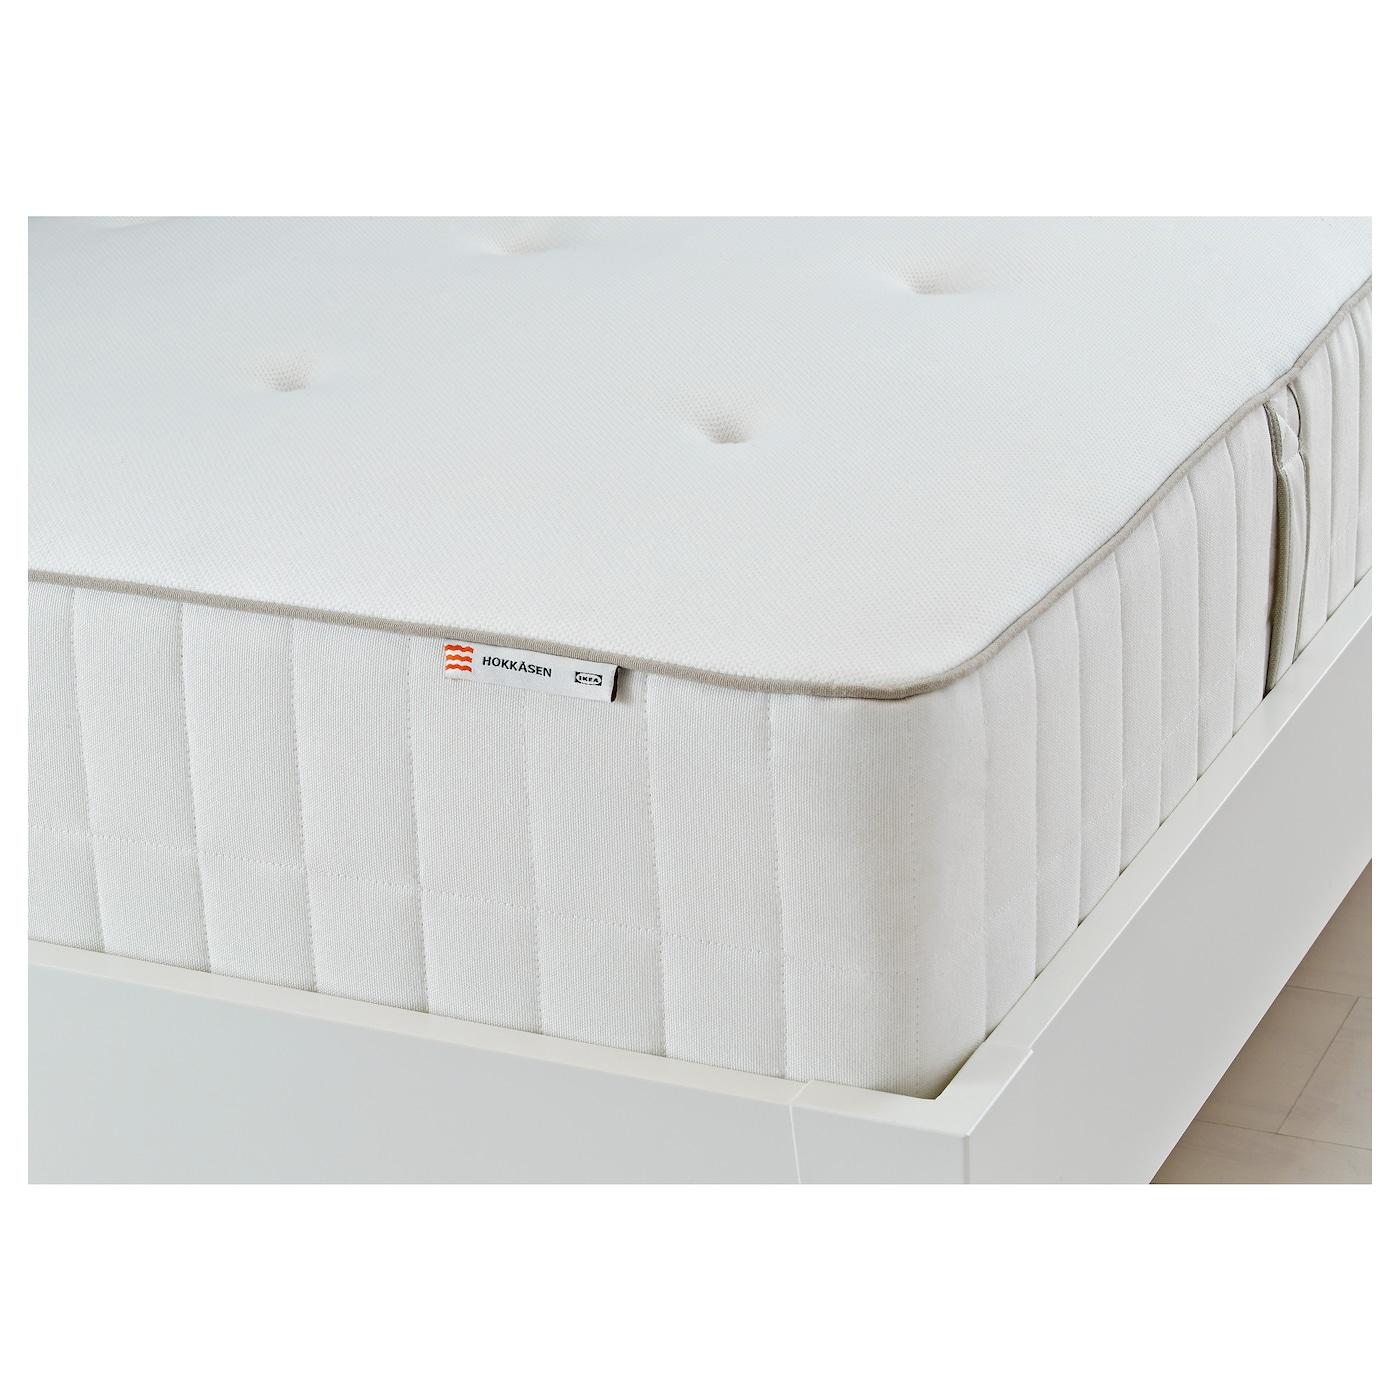 IKEA HOKKÅSEN Materac, sprężyny kieszeniowe, średnio twardy, biały, 160x200 cm